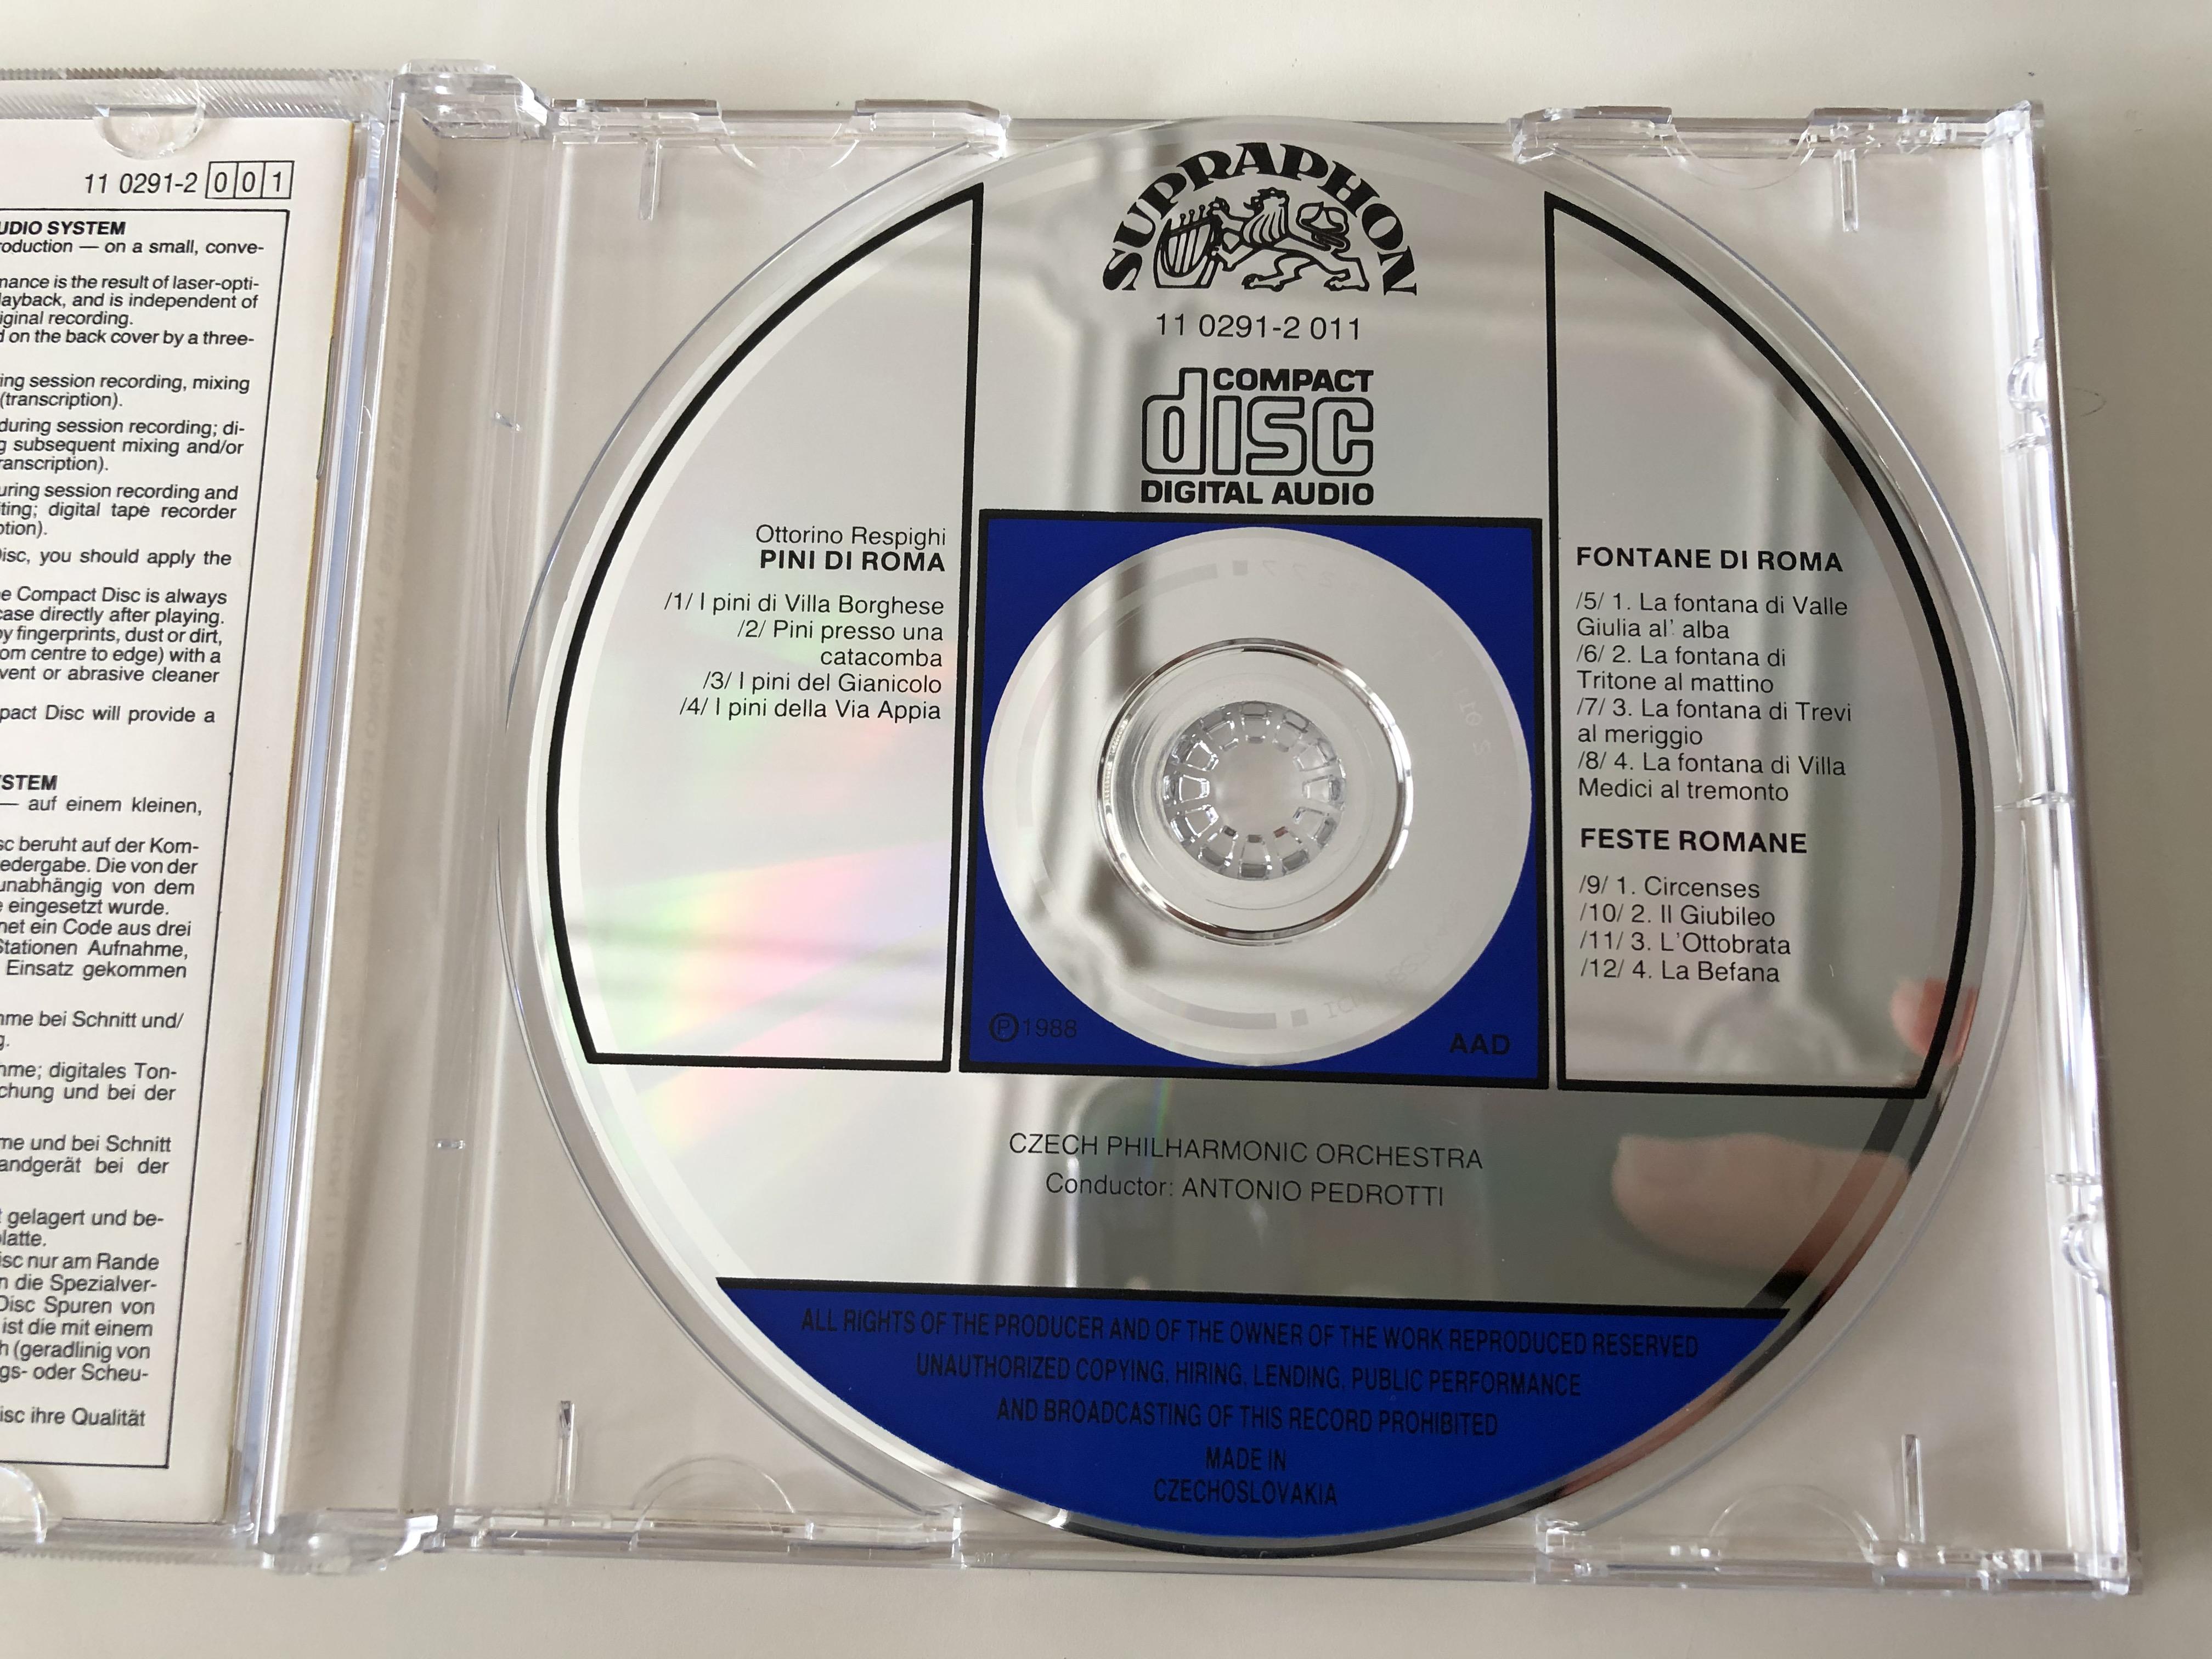 antonio-pedrotti-respighi-pini-di-roma-fontane-di-roma-feste-romane-czech-philharmonic-orchestra-supraphon-audio-cd-1988-stereo-11-0291-2-011-5-.jpg